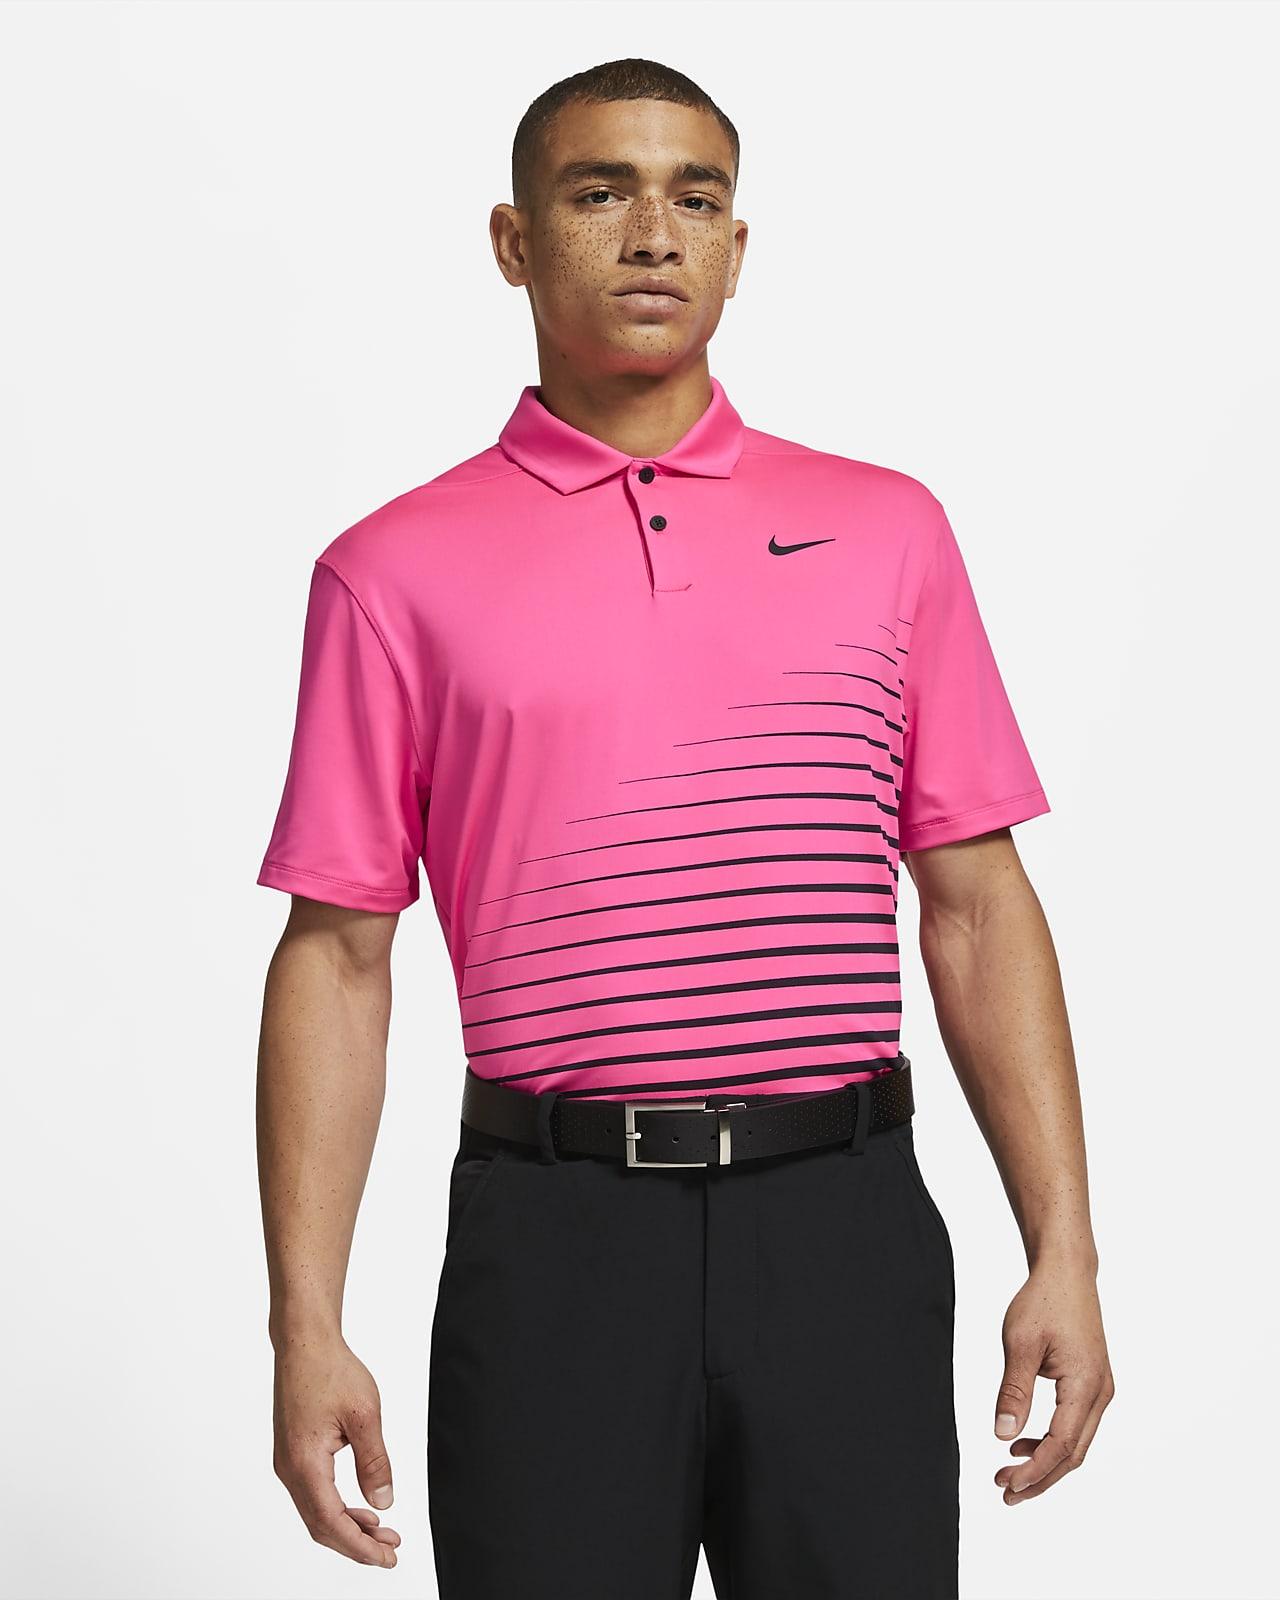 Polo de golfe com grafismo Nike Dri-FIT Vapor para homem